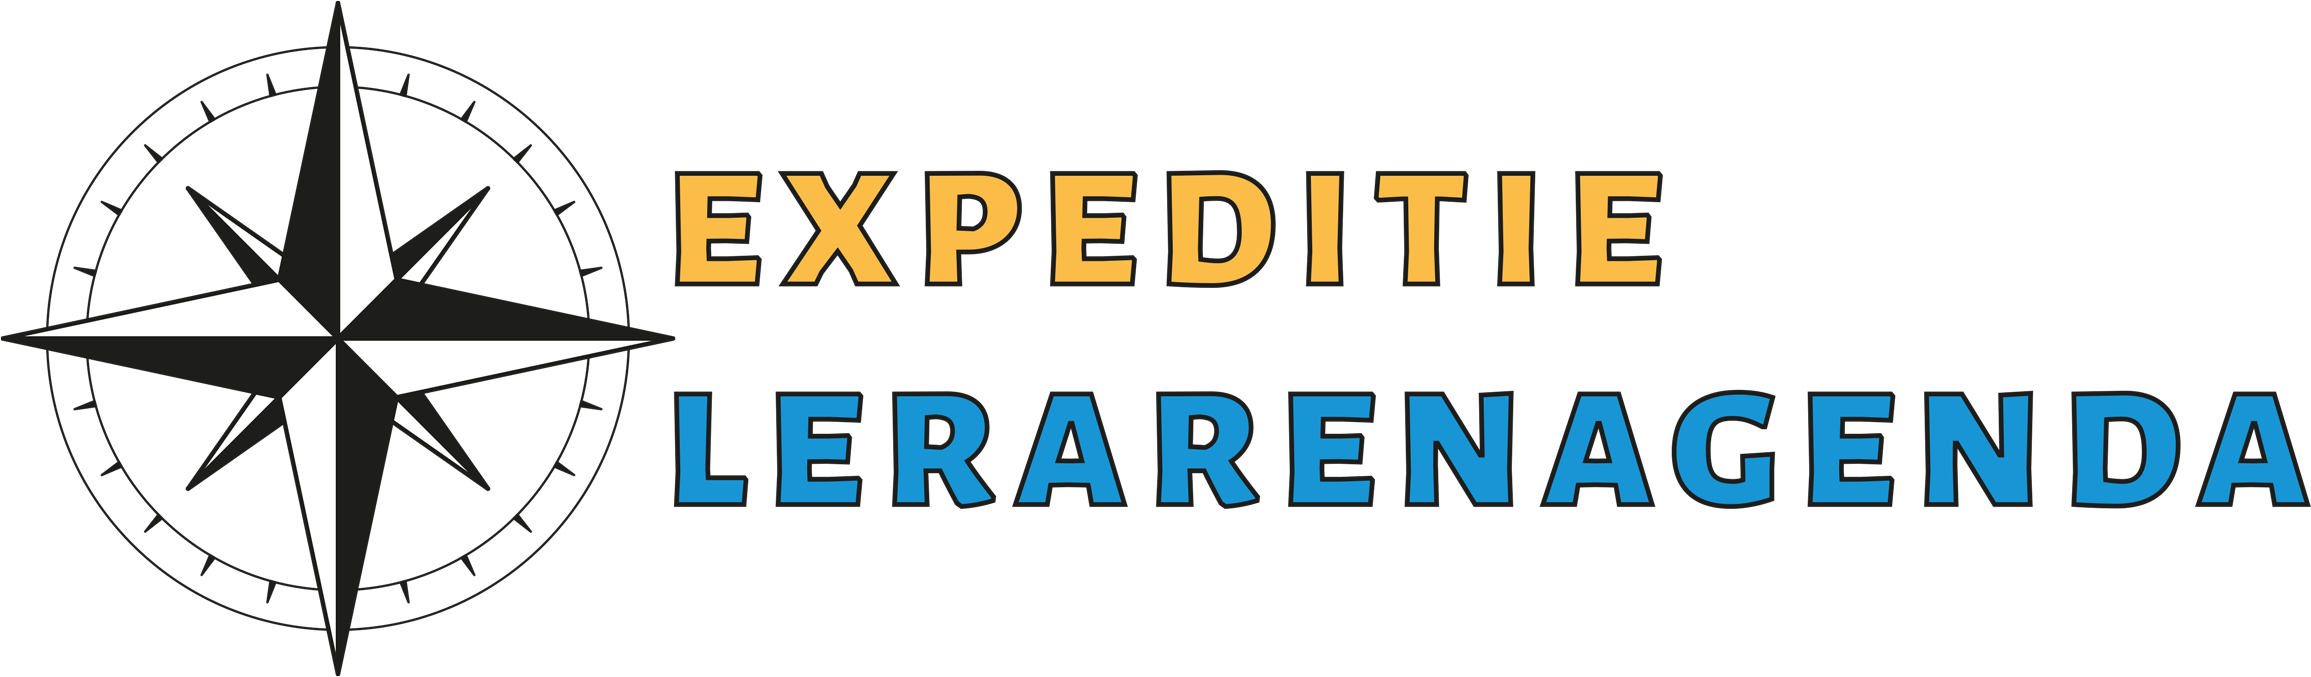 Expeditie Leraren Agenda Logo